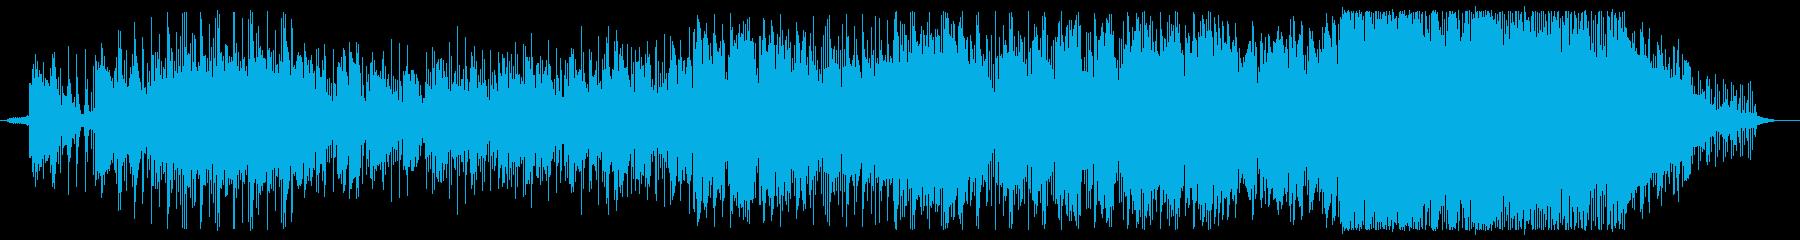 冬と春の淡い和テイストバラードの再生済みの波形